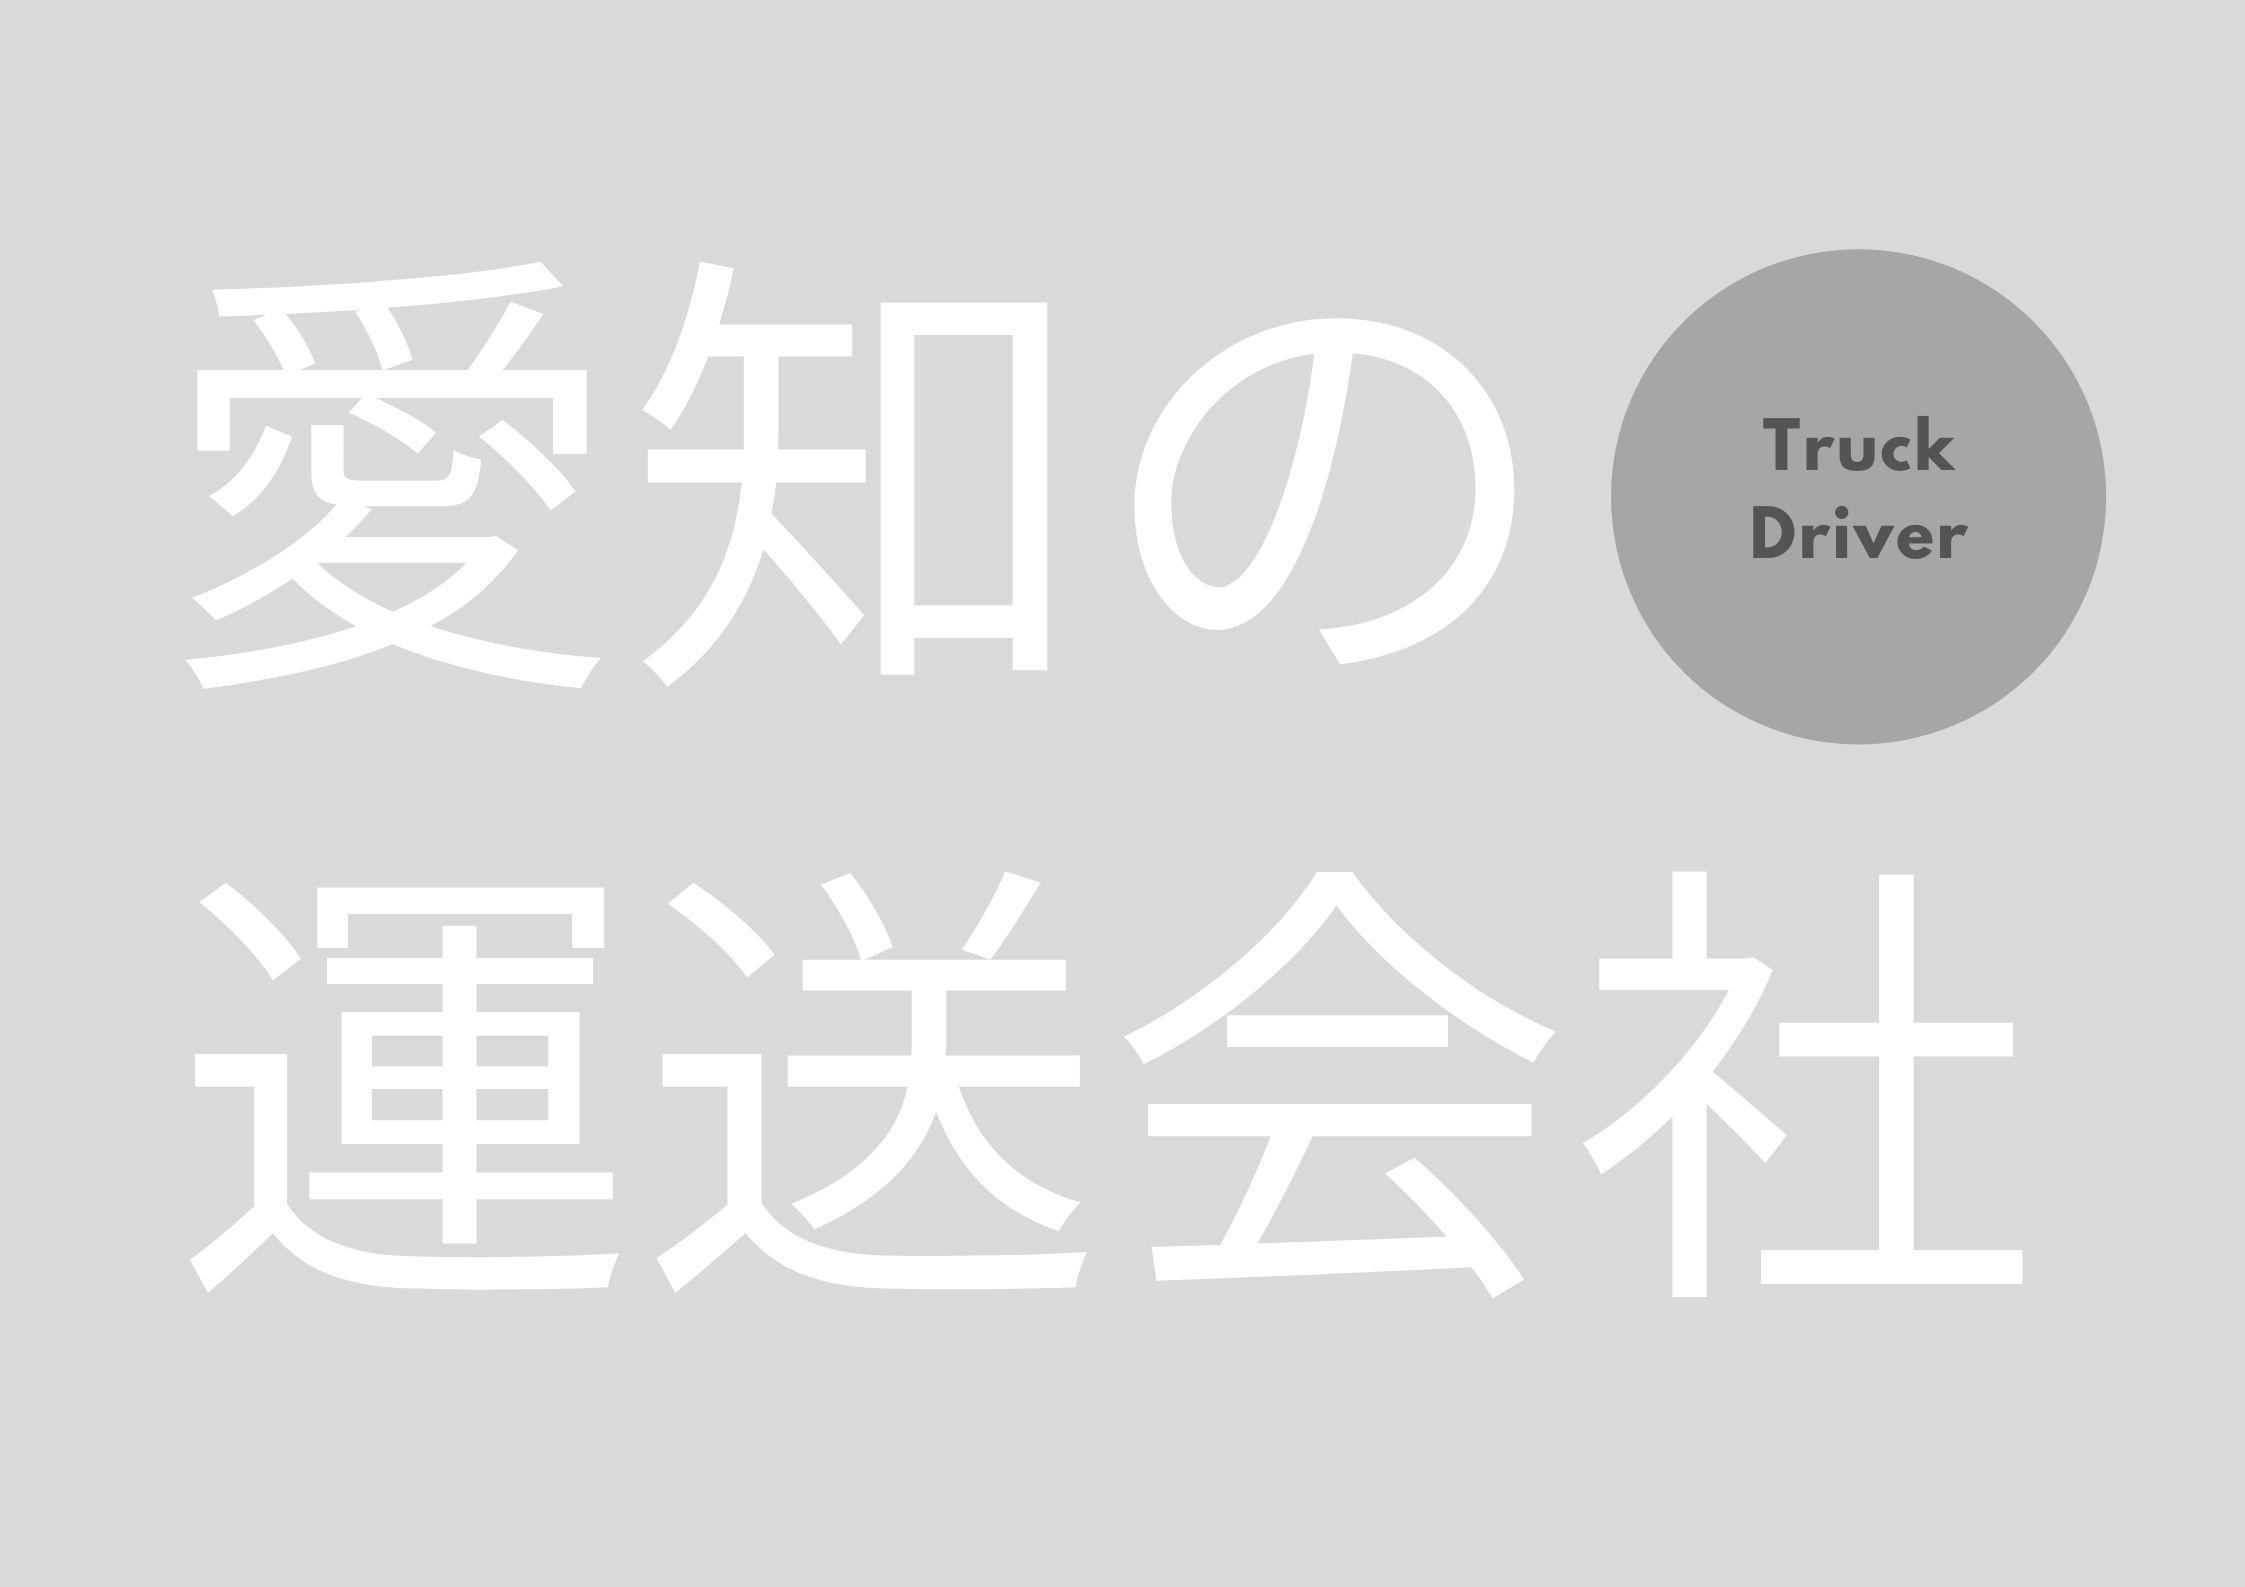 愛知県瀬戸市の運送会社「株式会社イトー急行」を紹介します!